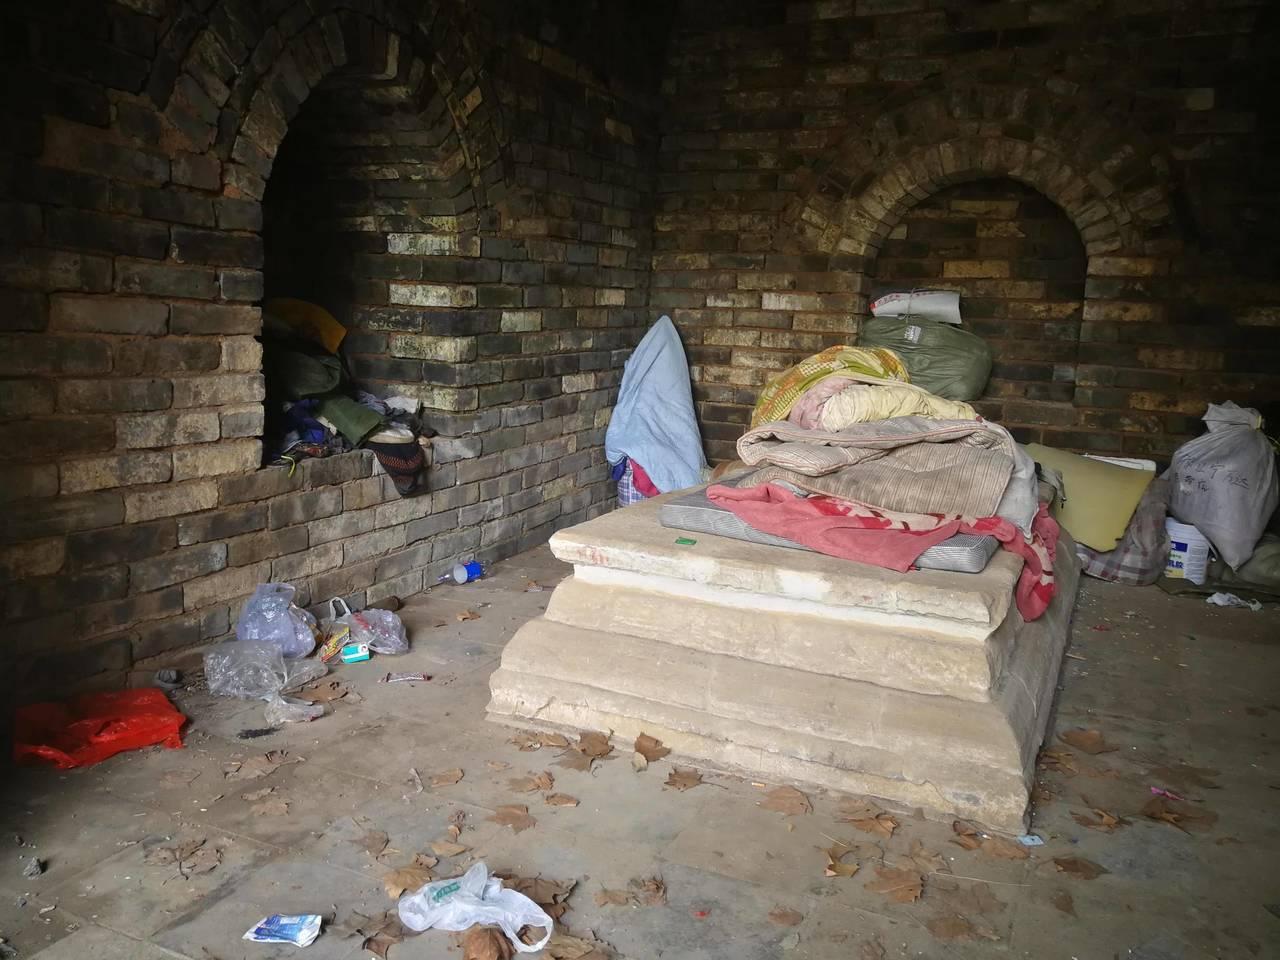 擁有600多年歷史的明福清公主墓,竟然住了一群人,甚至有人就直接睡在石棺上。(取...